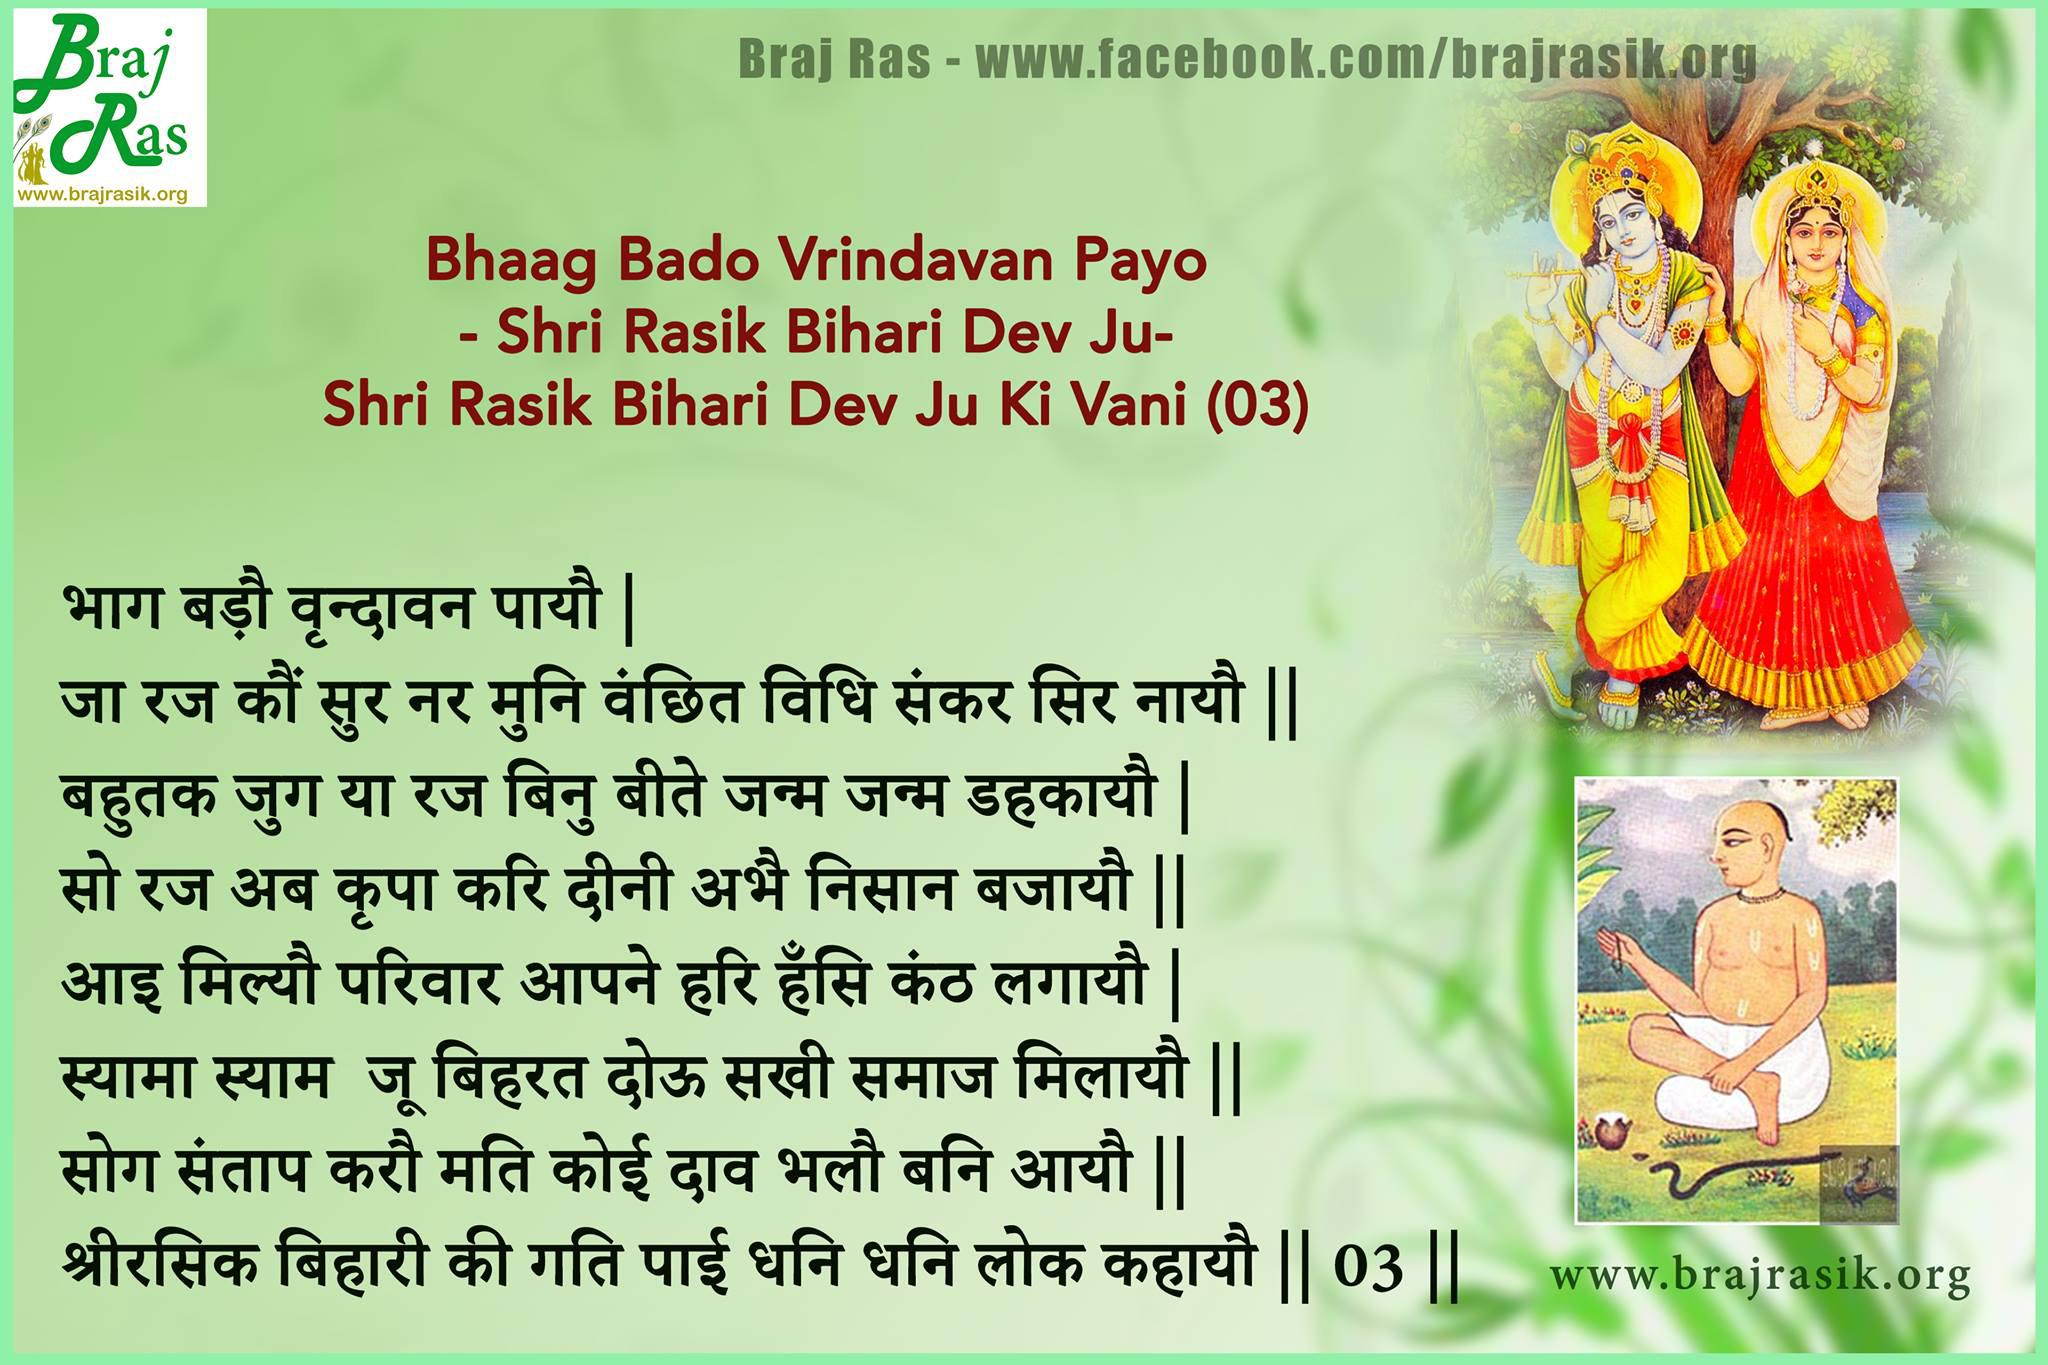 """""""Bhaag Bado Vrindavan Payo"""" - Shri Rasik Bihari Dev Ju from Shri Rasik Bihari Dev Ju Ki Vani (03)"""